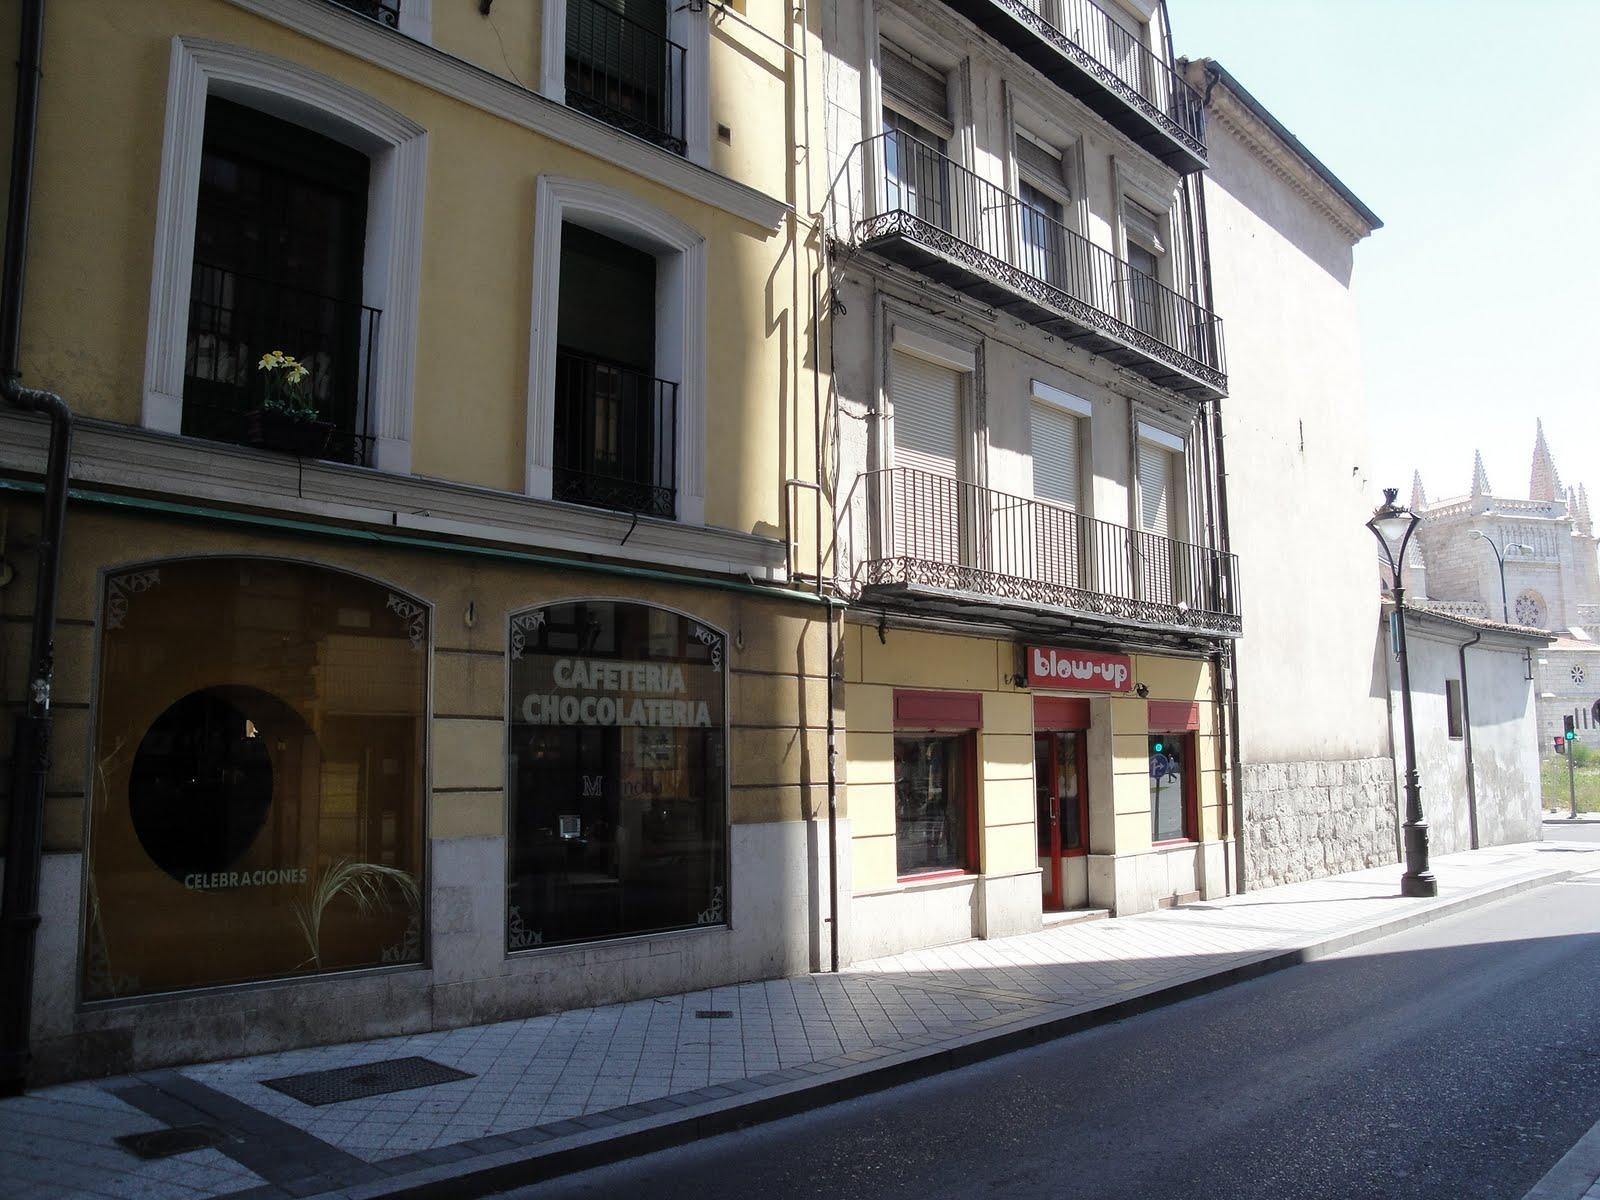 Los antiguos baños públicos de la Calle Los Baños ...